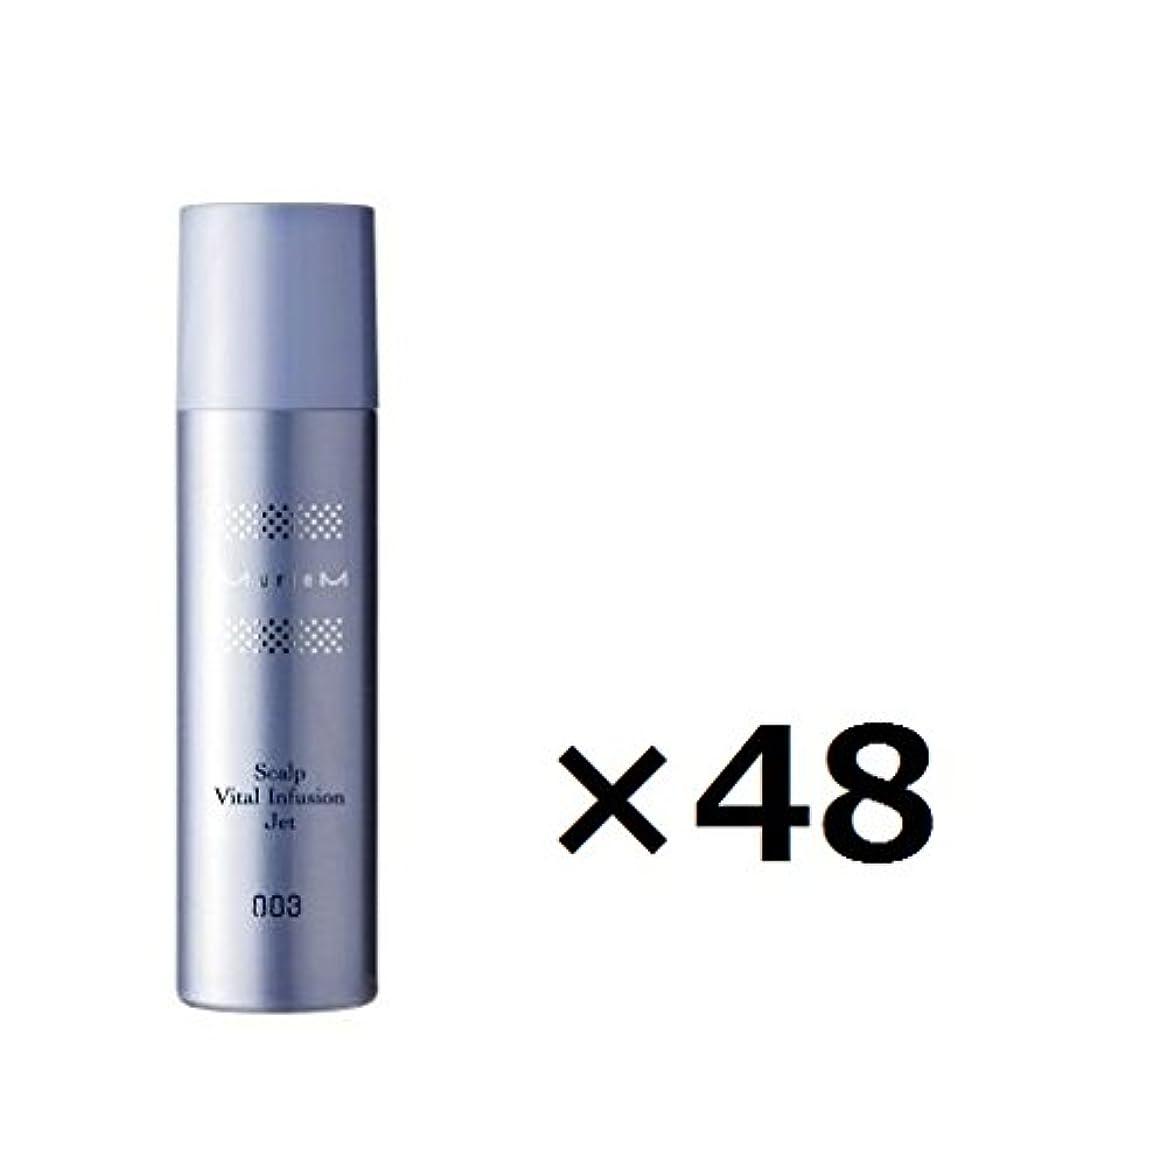 産地ノーブル引用【48本セット】ナンバースリー ミュリアム 薬用スカルプバイタル インフュージョンジェット 160g